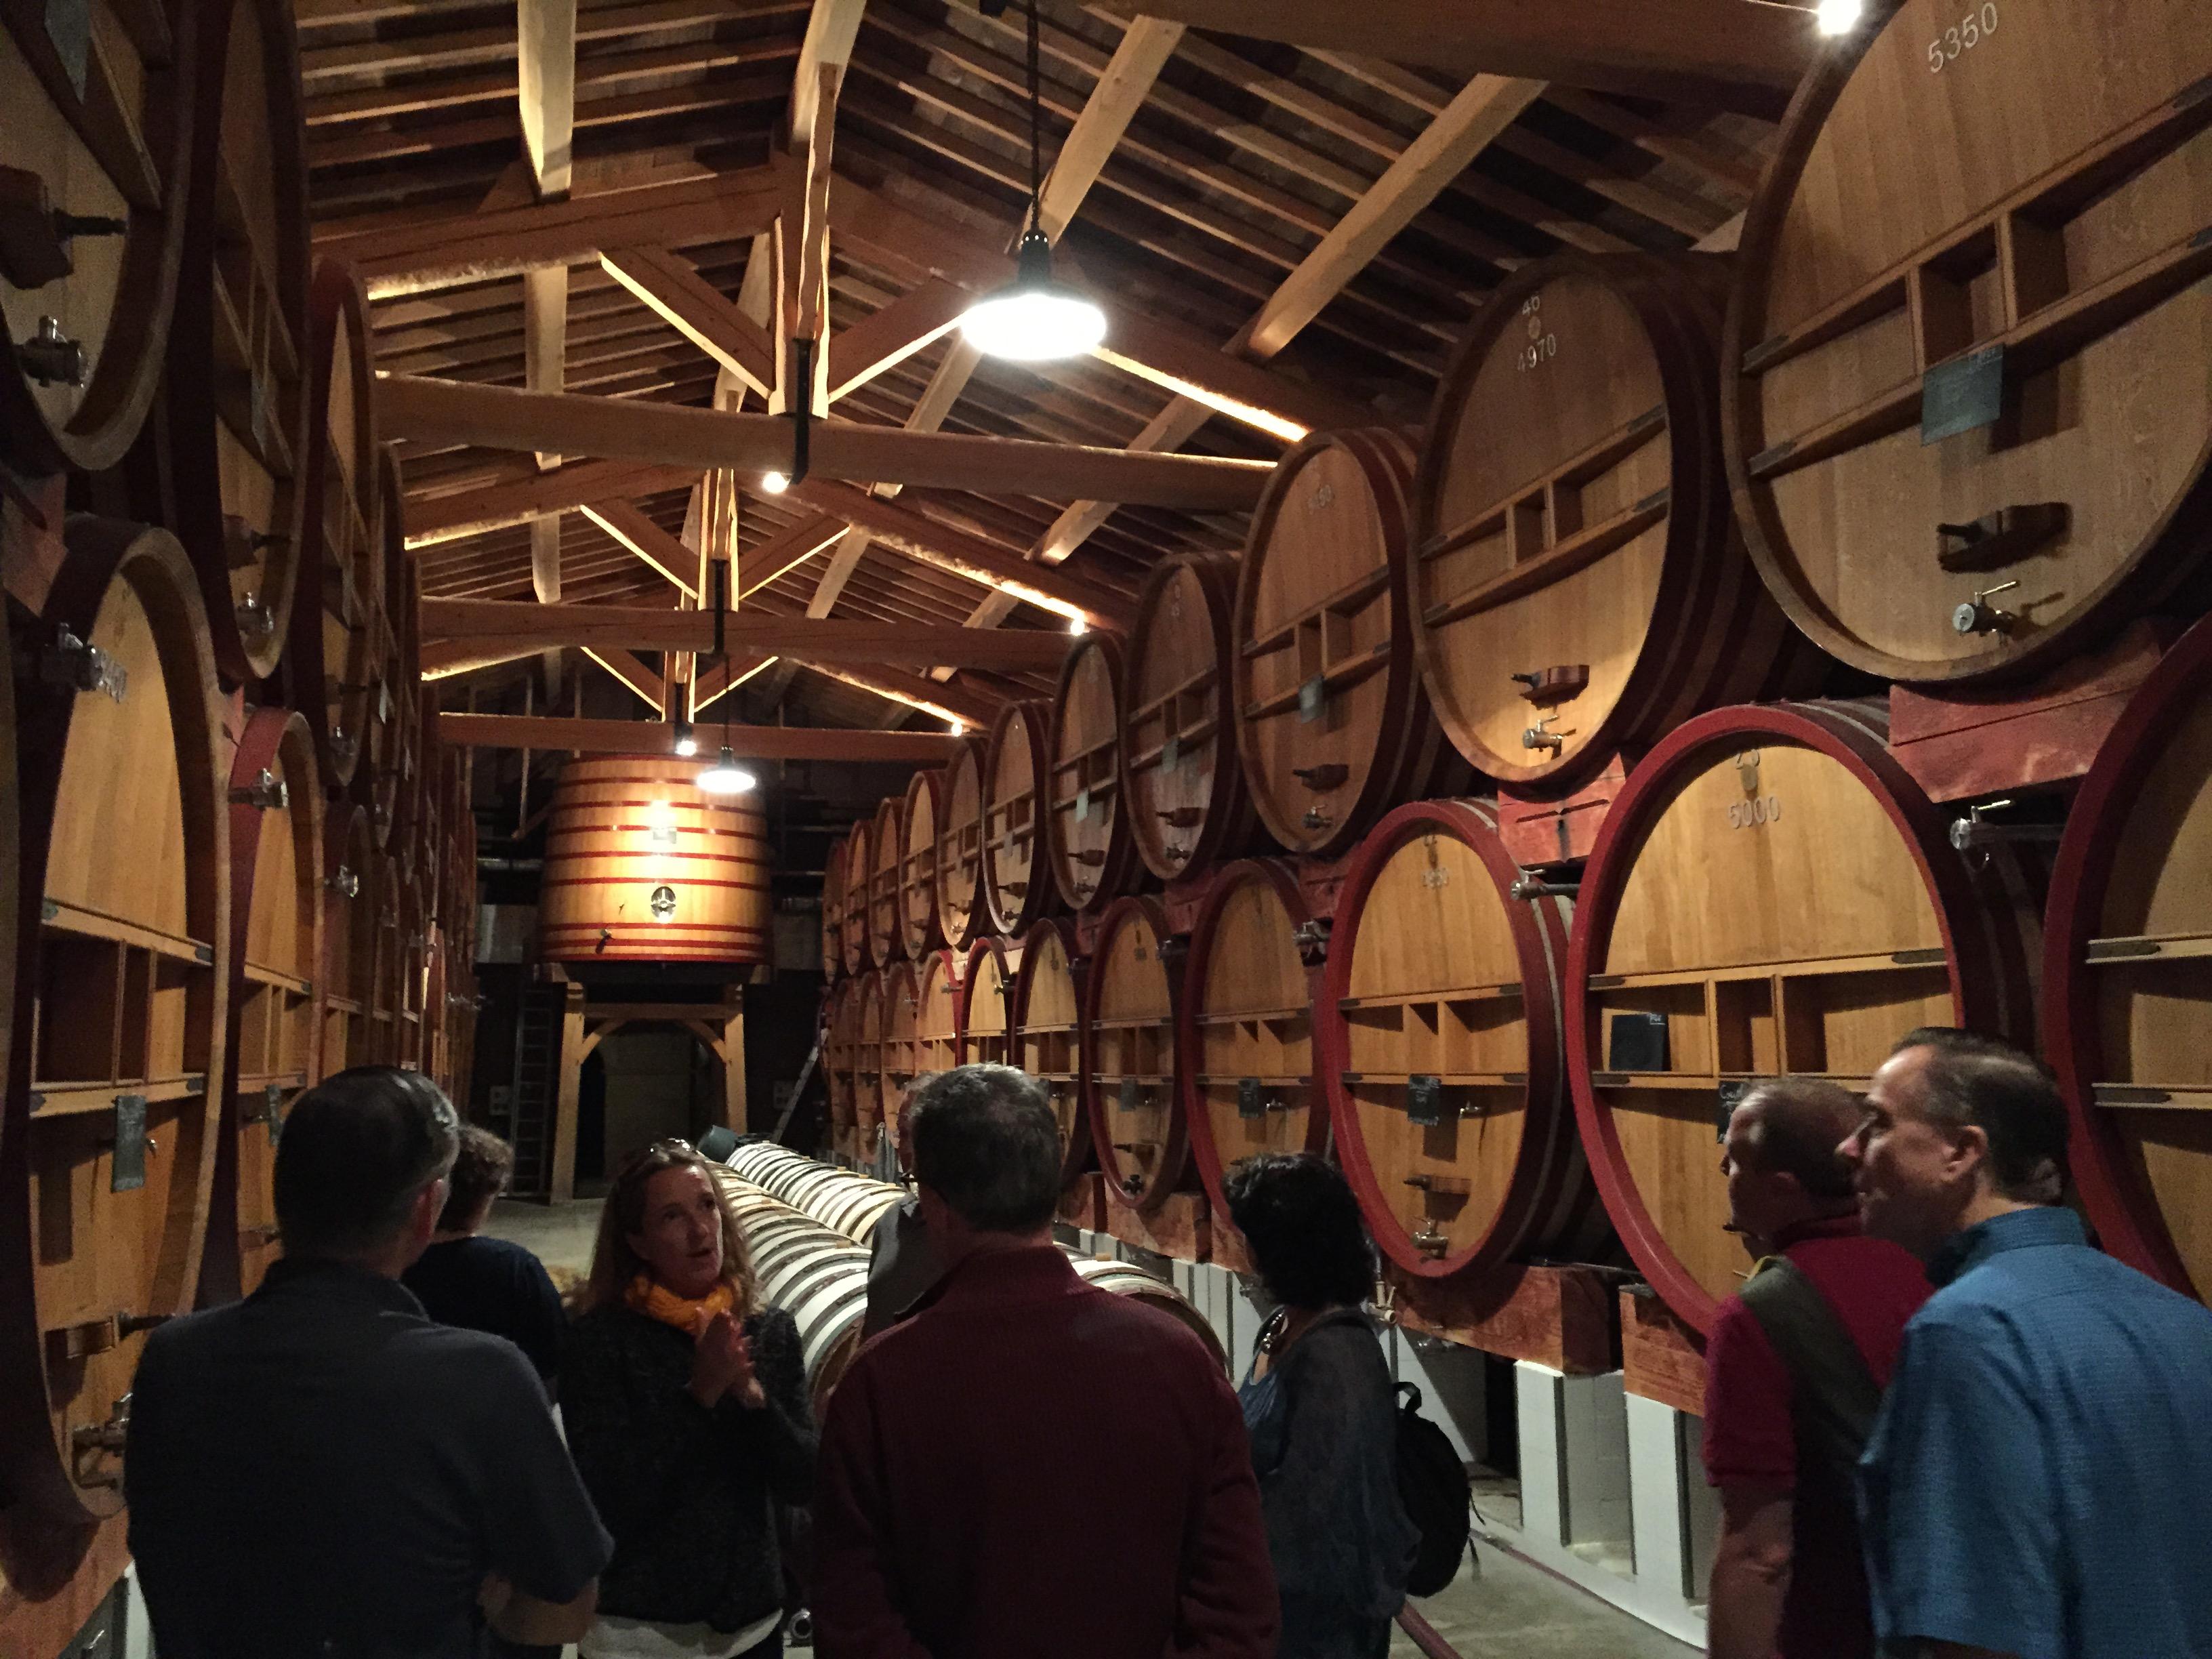 Vineyard cellar visit